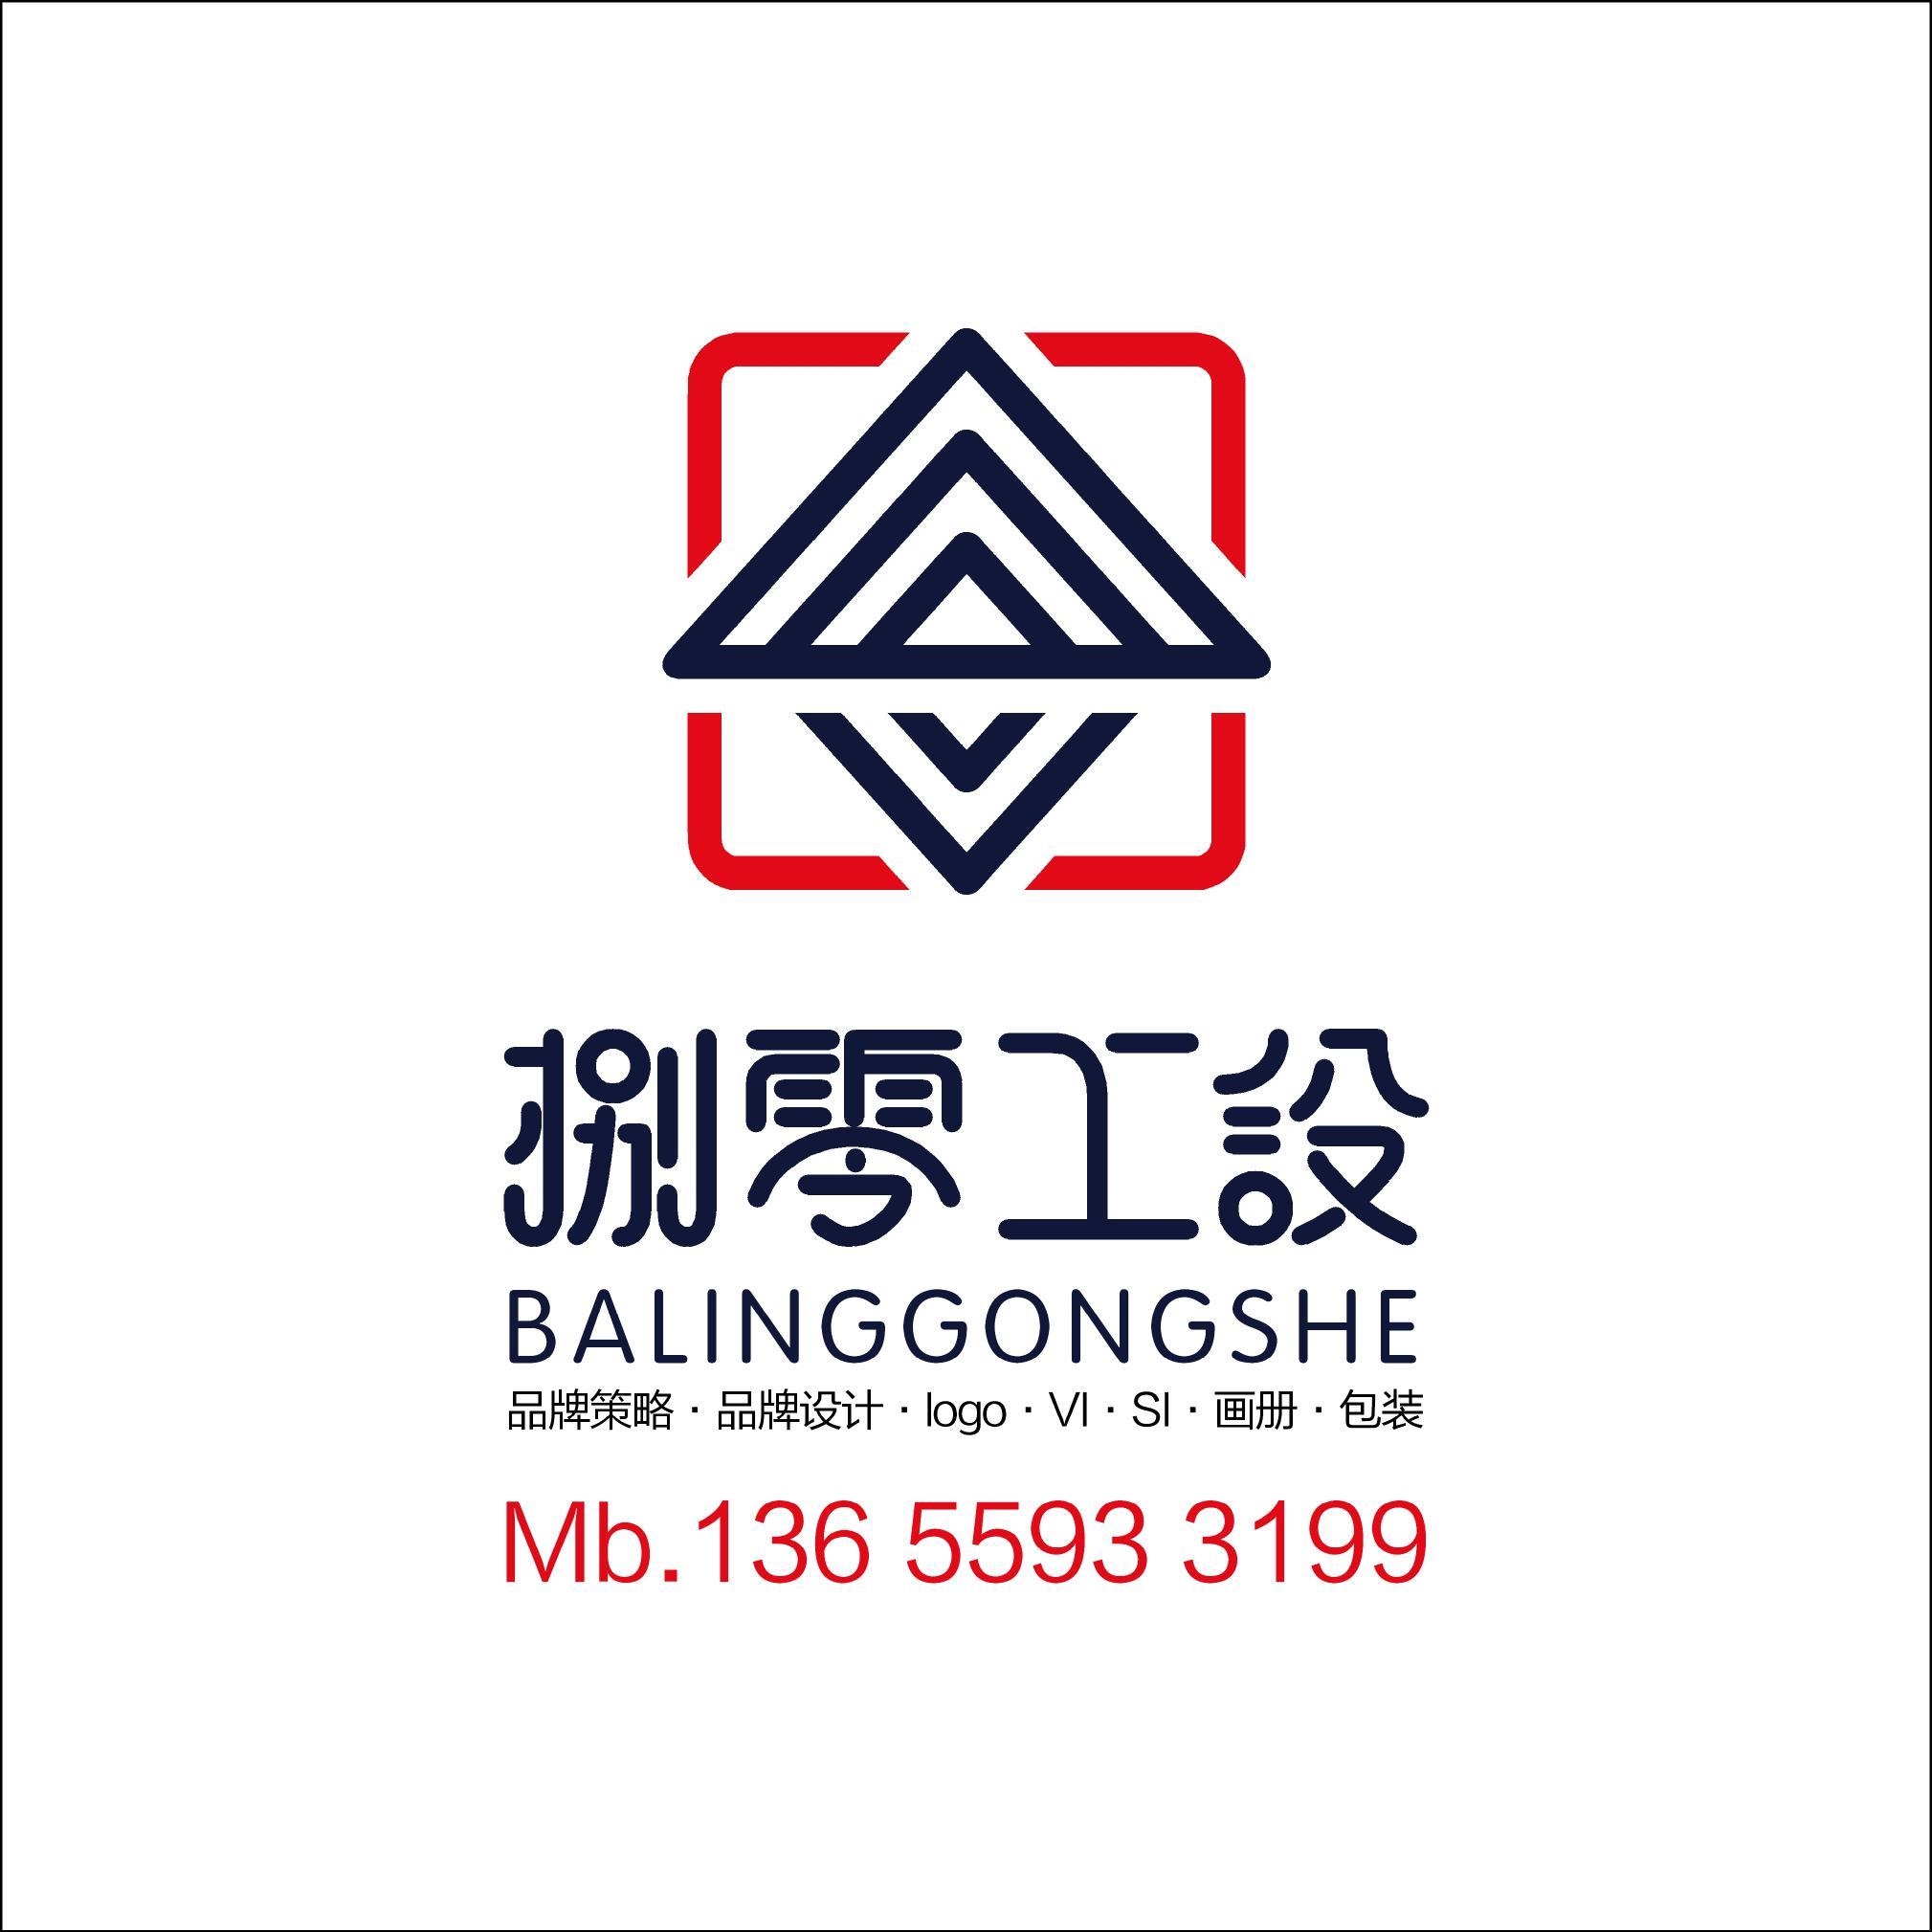 泉州捌零工设文化传播有限公司 电子书制作软件